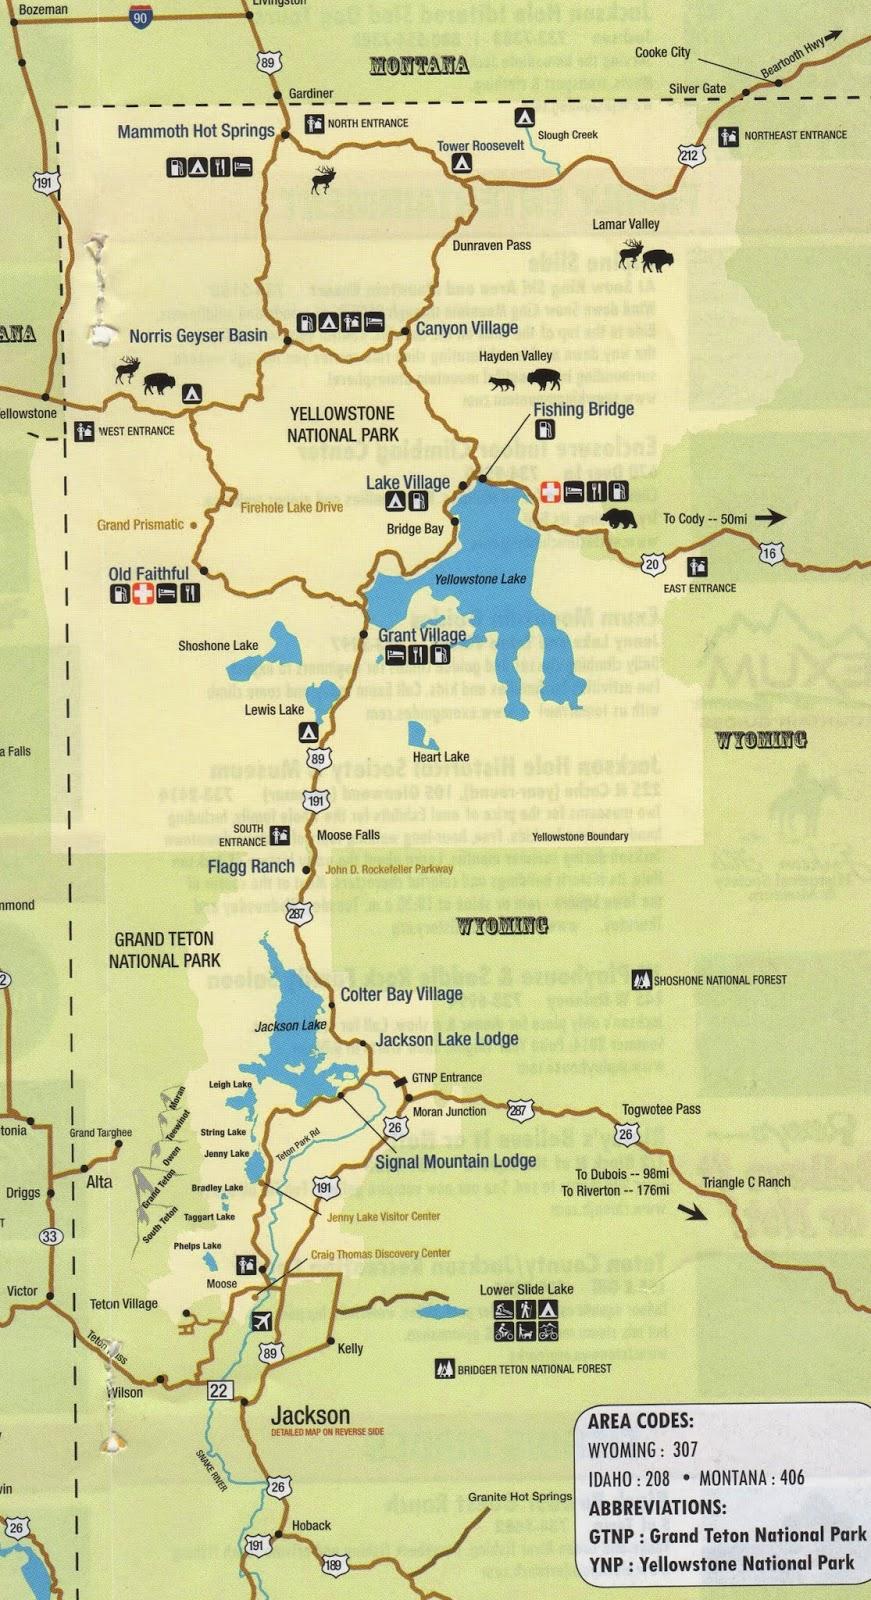 grand national park map - Basilosaur.us